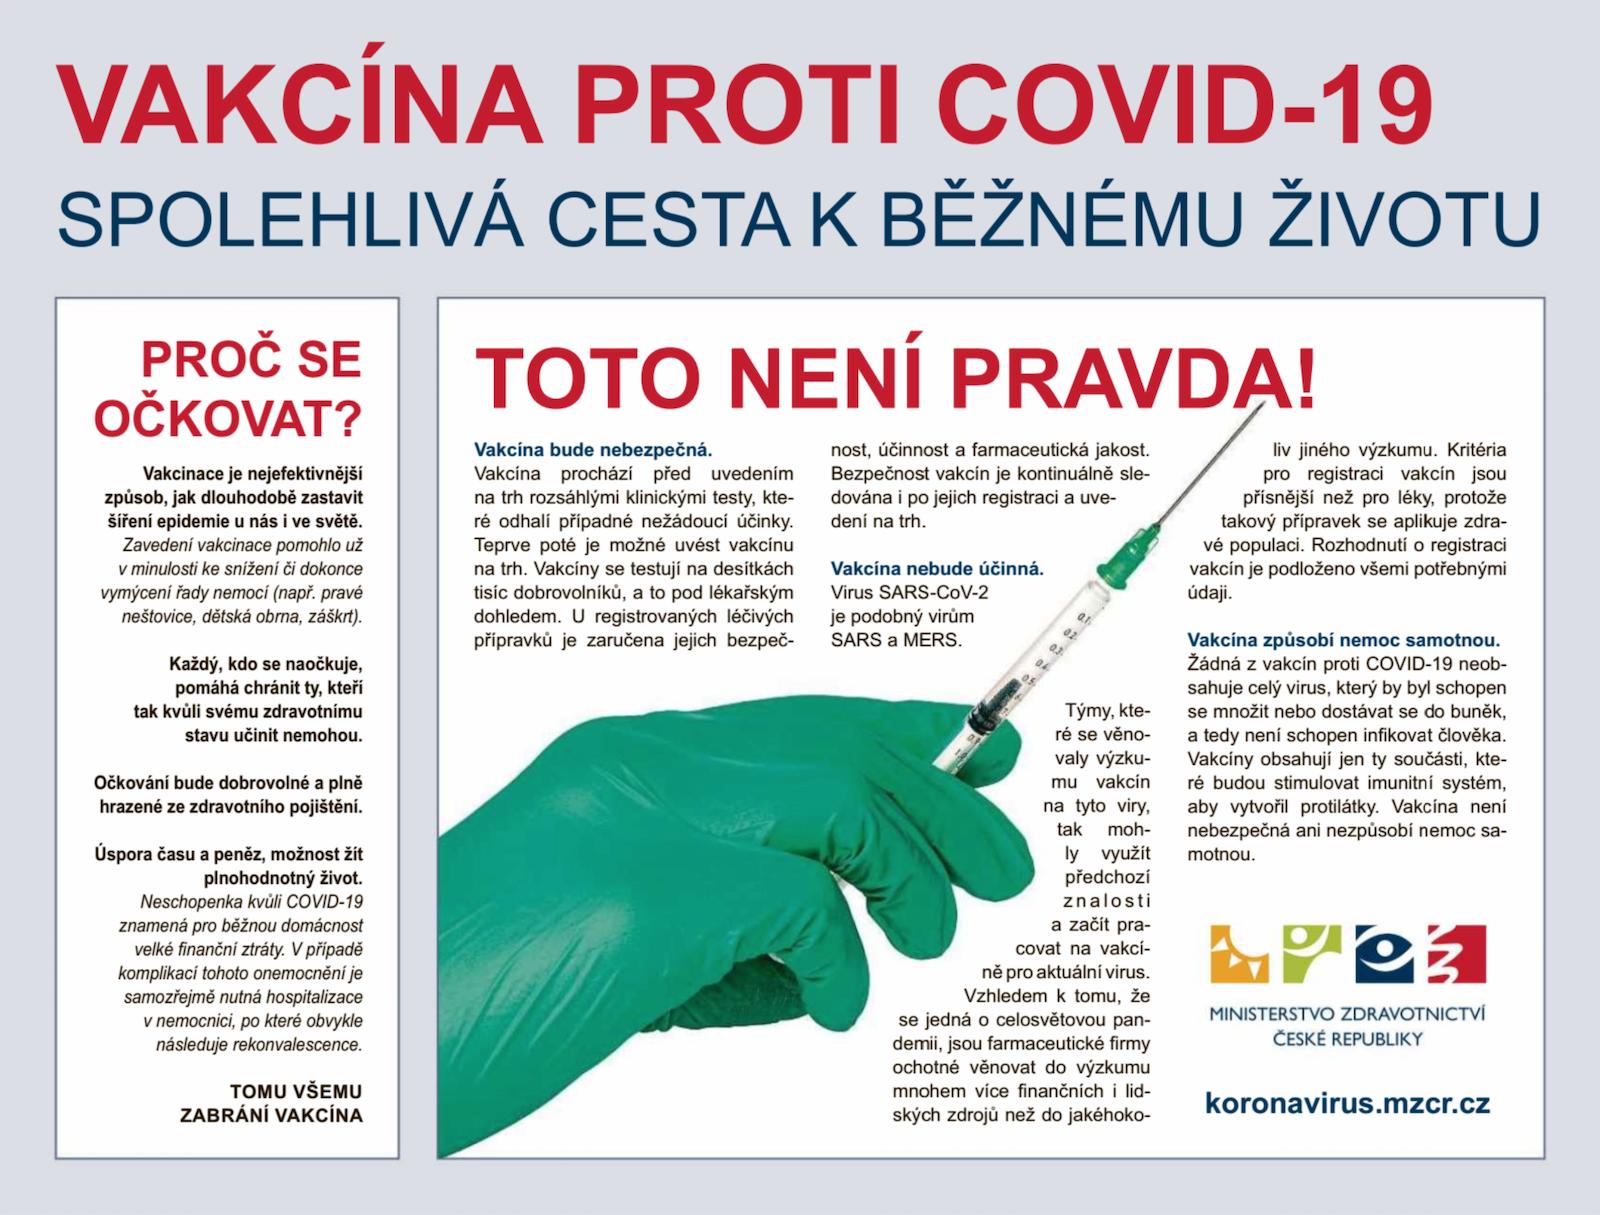 Inzerát ministerstva zdravotnictví v denním tisku